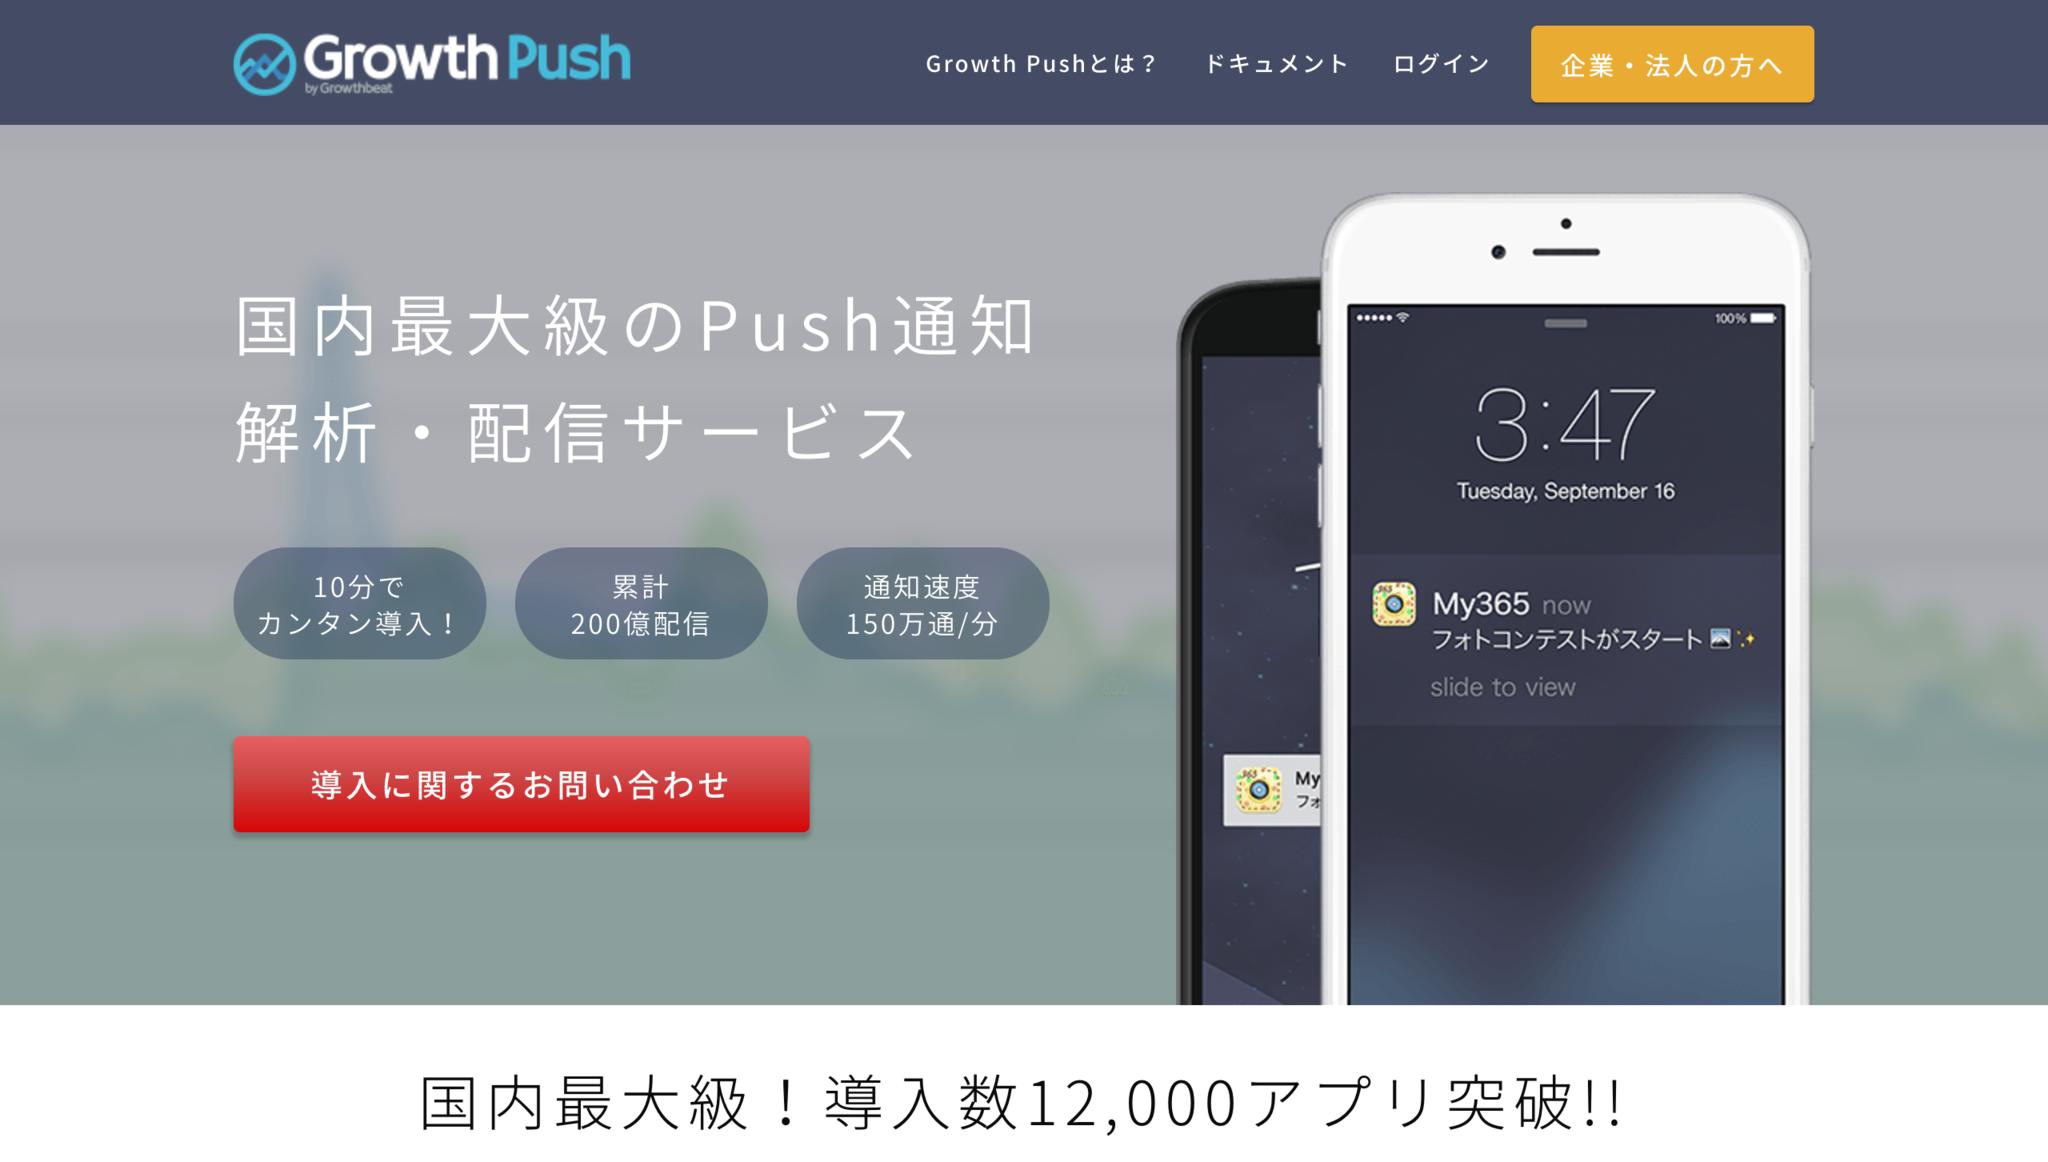 サービス開発者のためのプッシュ通知サービス・ASP_Growth_Push_グロースプッシュ____Growth_Push.png